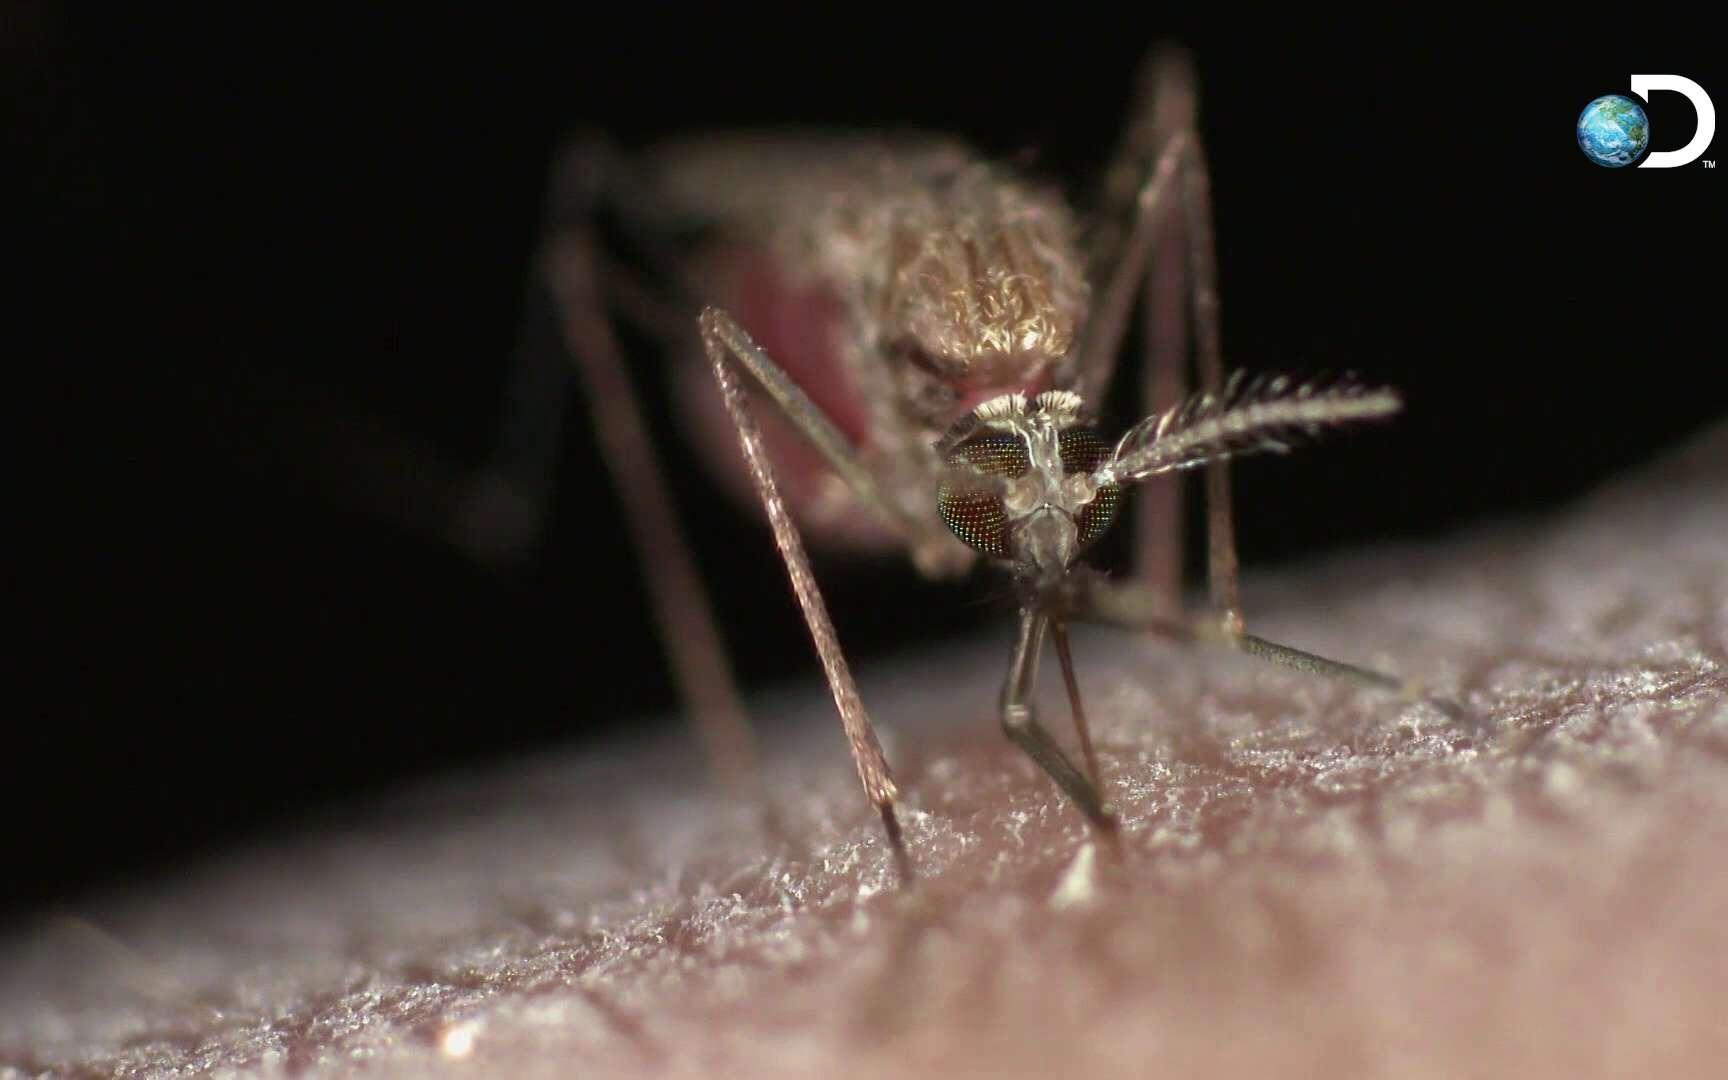 Un moustique transperce la peau en gros plan.